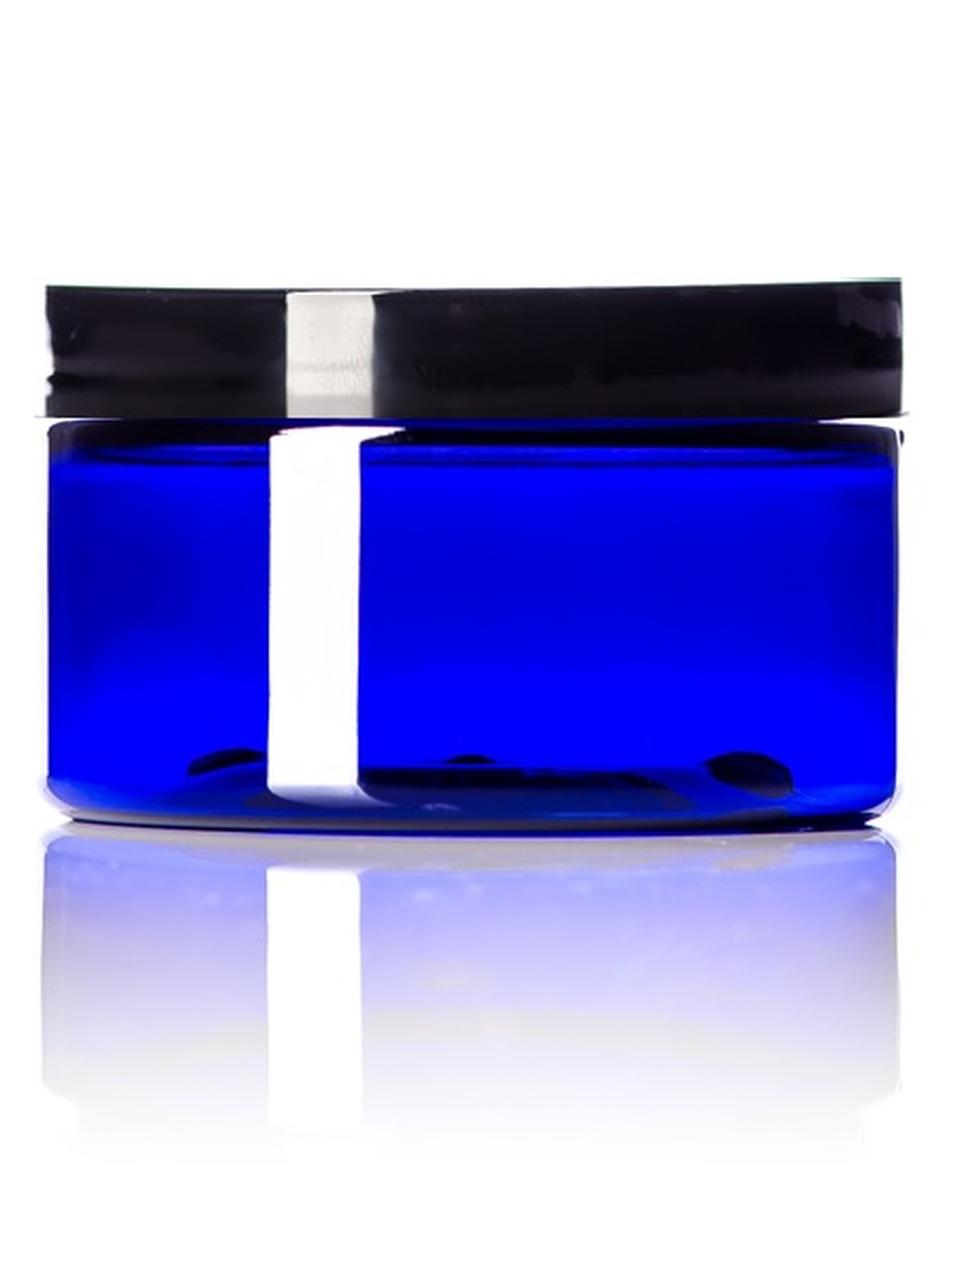 Blue Packaging - $15.00 per order